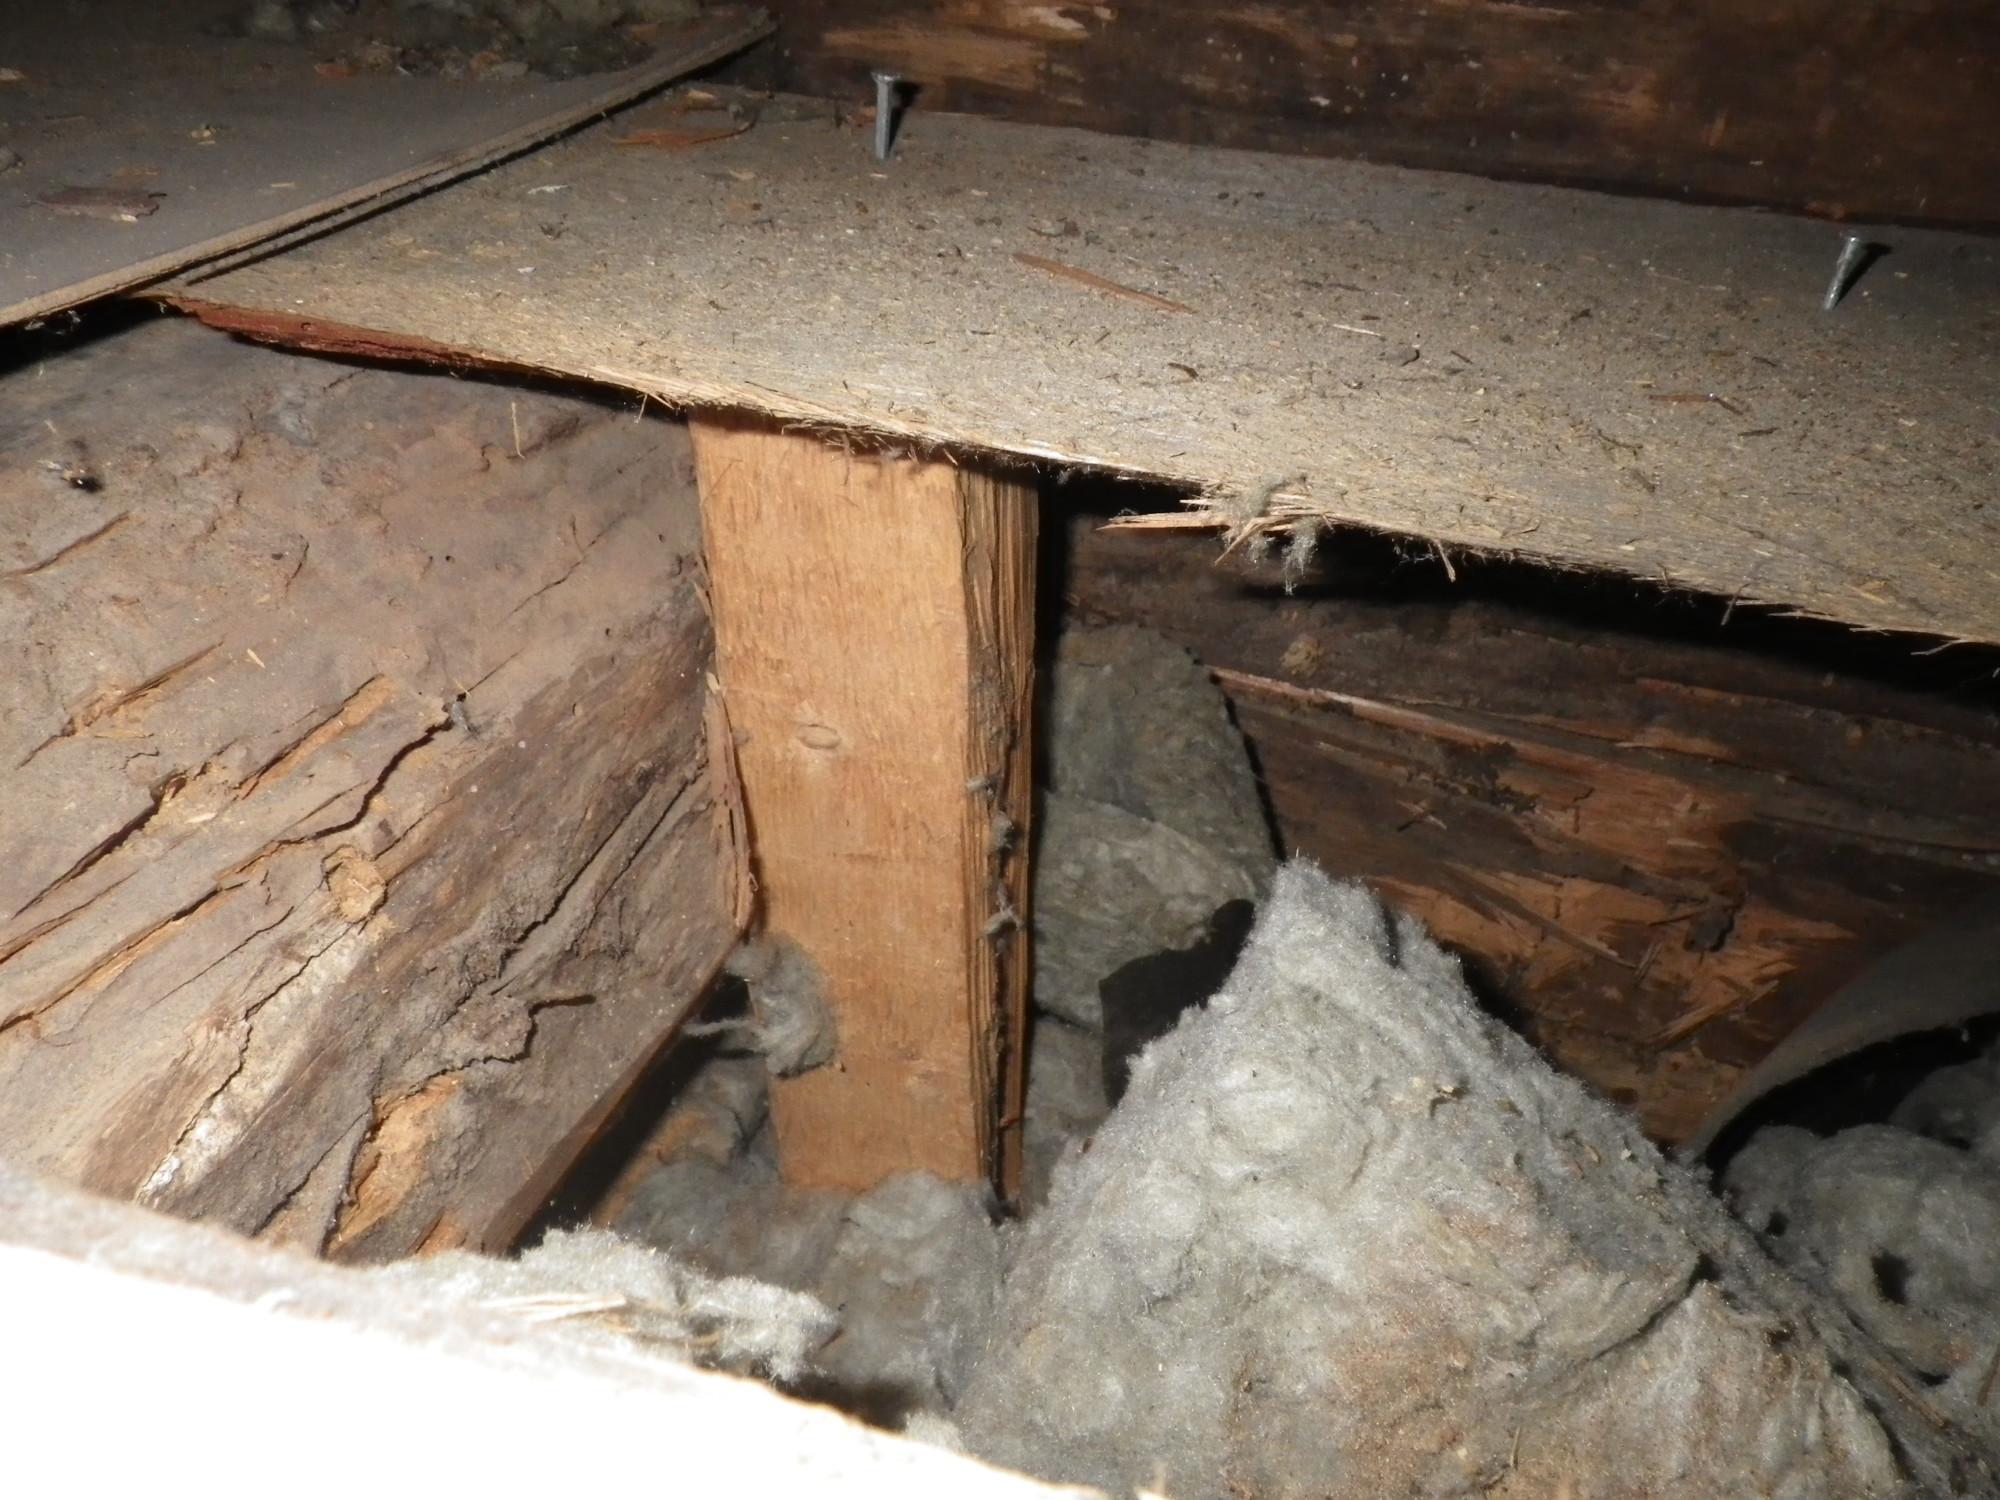 Hirren ja palkin lahovauriota yläpohjan avaamisen jälkeen.